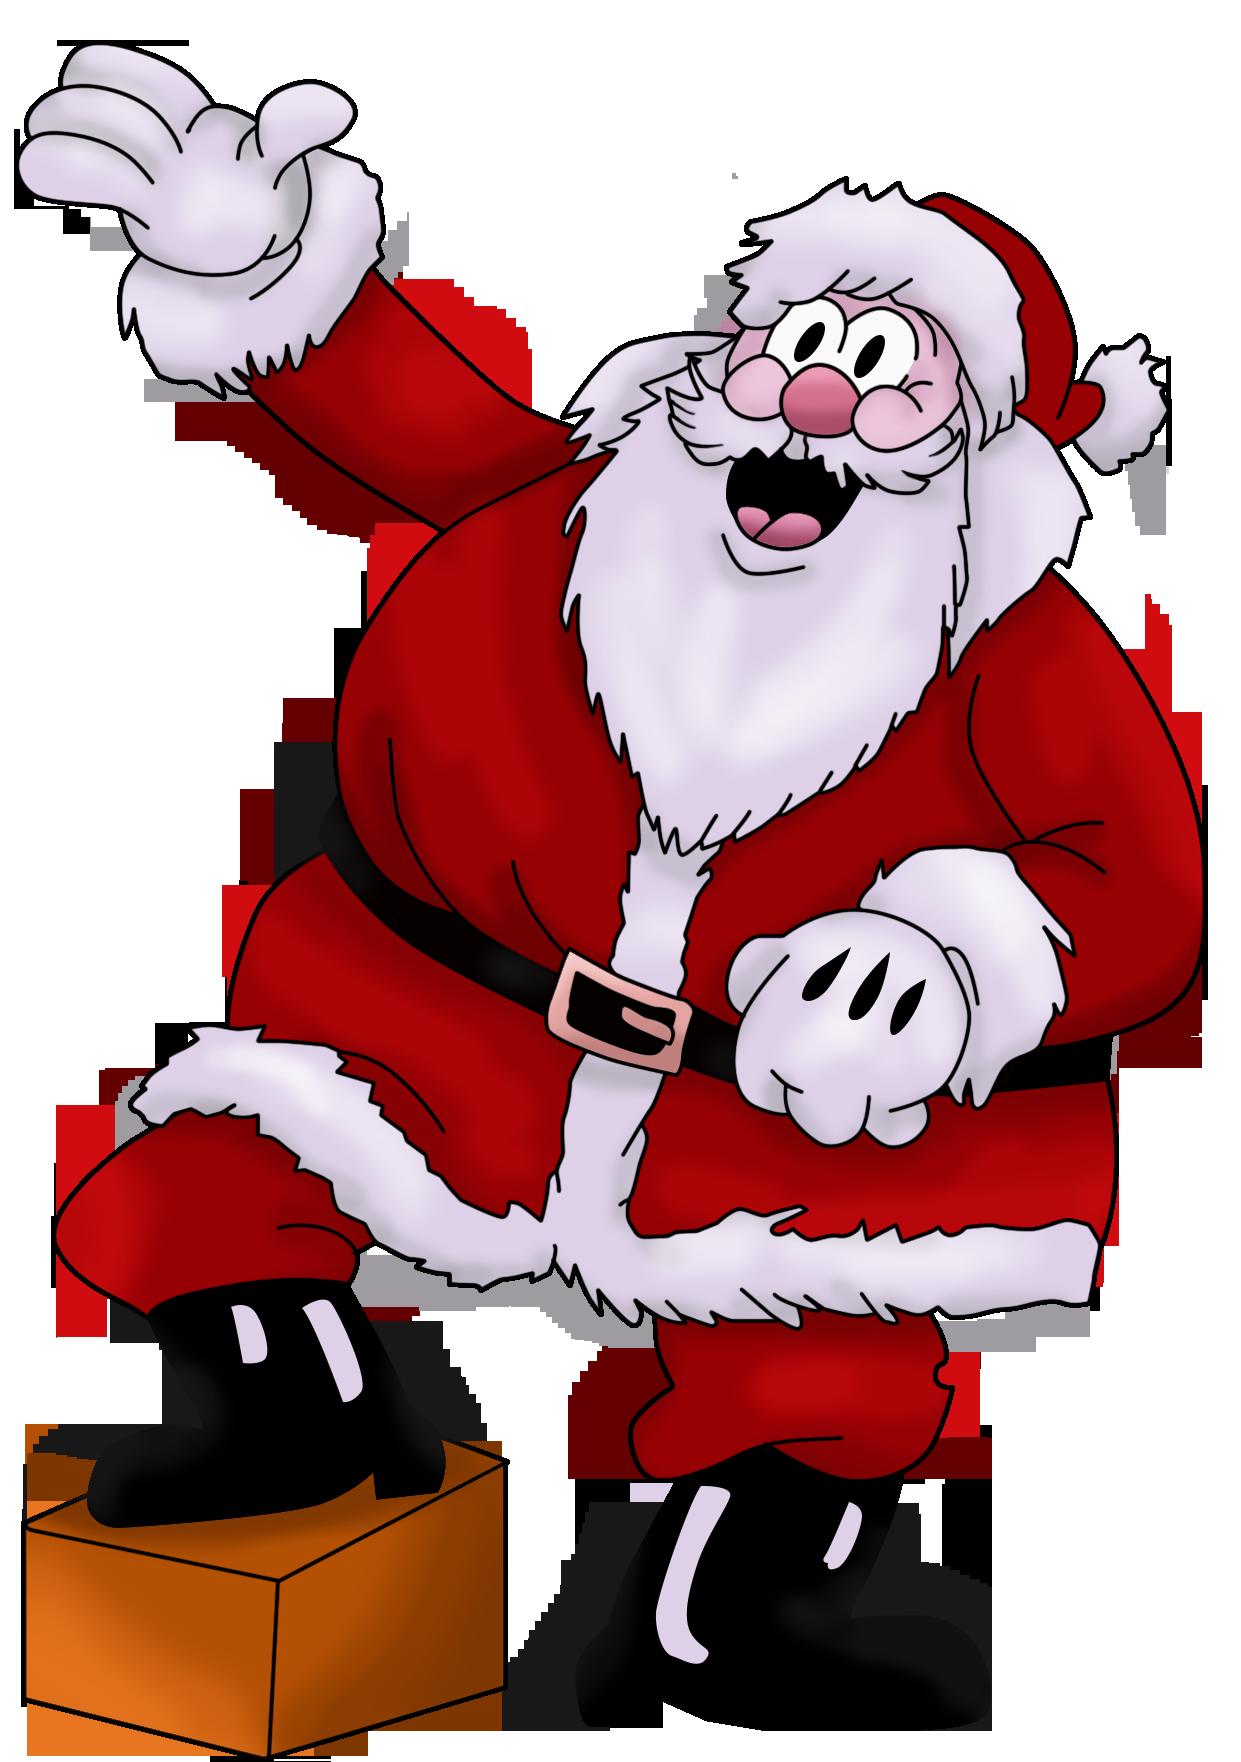 Fandom By Y Wikia Powered ClausDisney Pixar Santa zLpSqUGVM